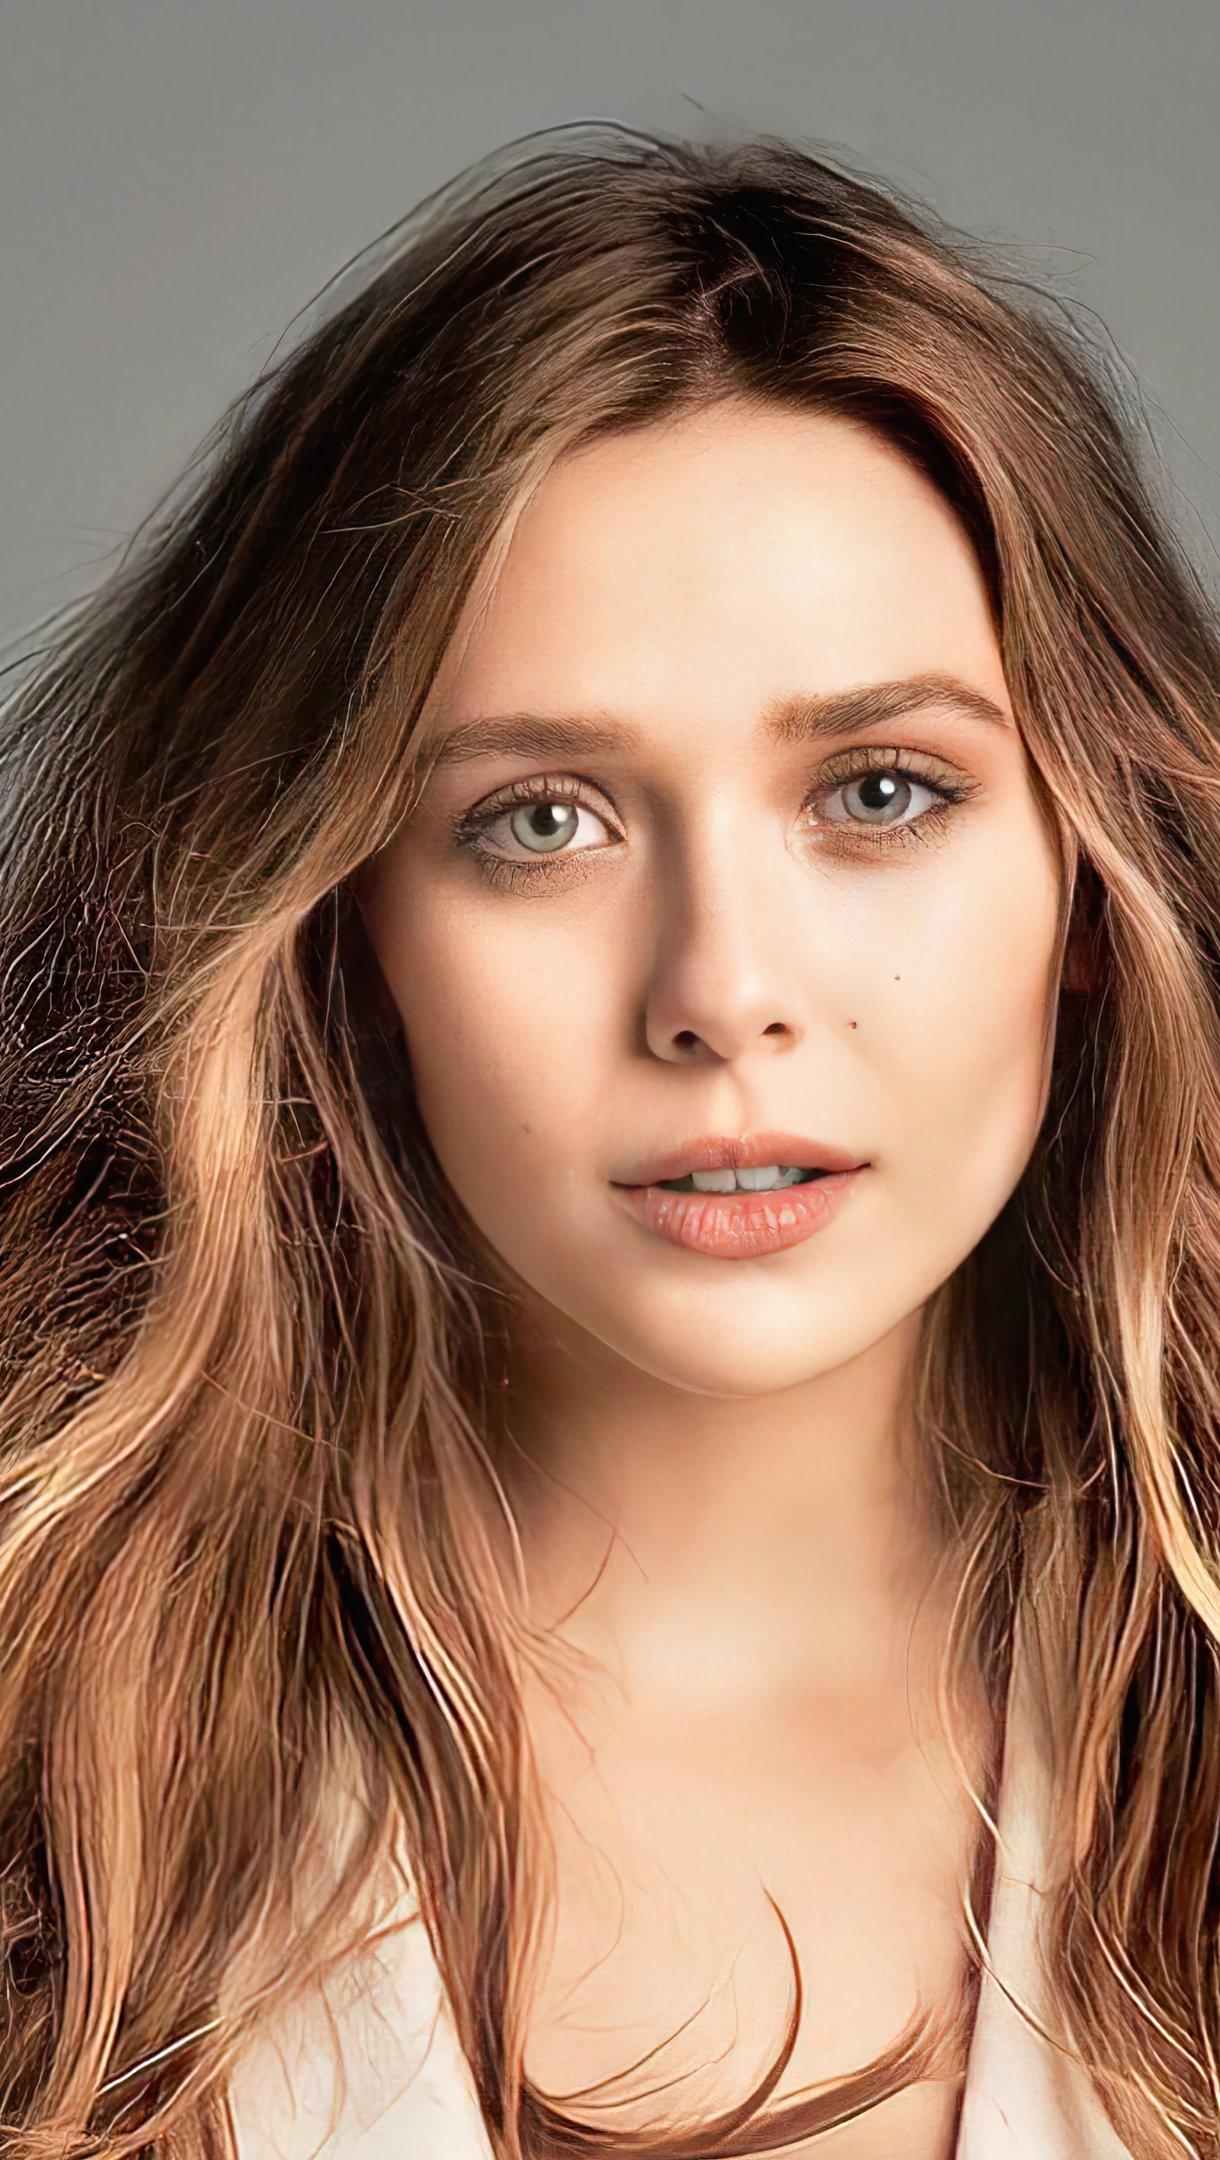 Fondos de pantalla Actriz Elizabeth Olsen sin maquillaje Vertical